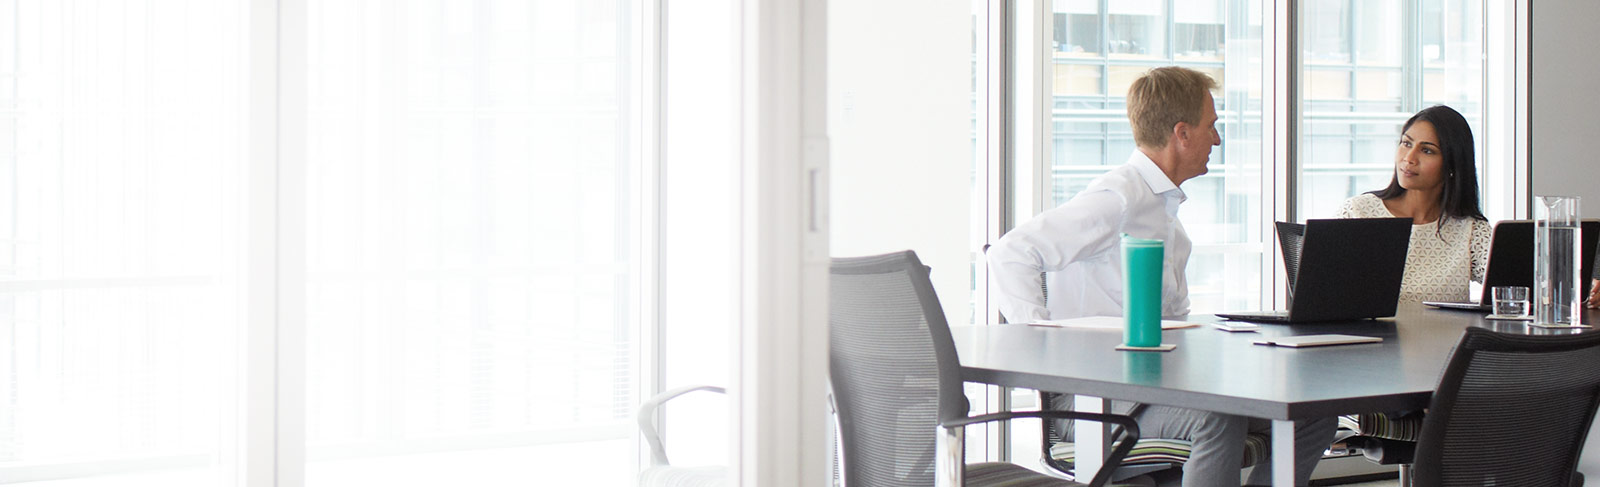 एक कॉन्फ़्रेंस कक्ष में लैपटॉप के साथ Office 365 Enterprise E3 का उपयोग कर रहे दो कर्मचारी.